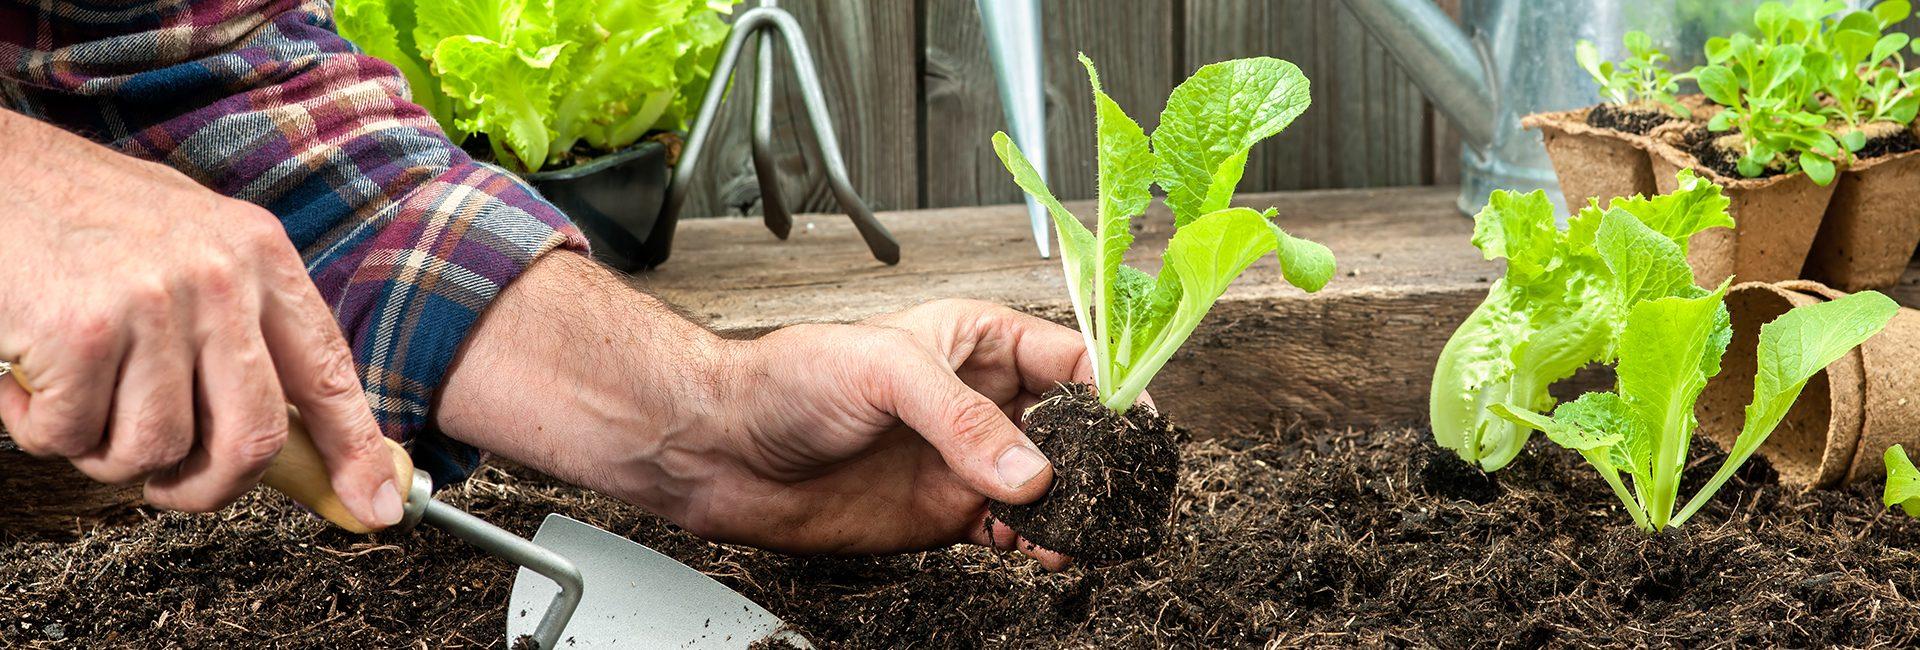 Gartenbedarfsartikel